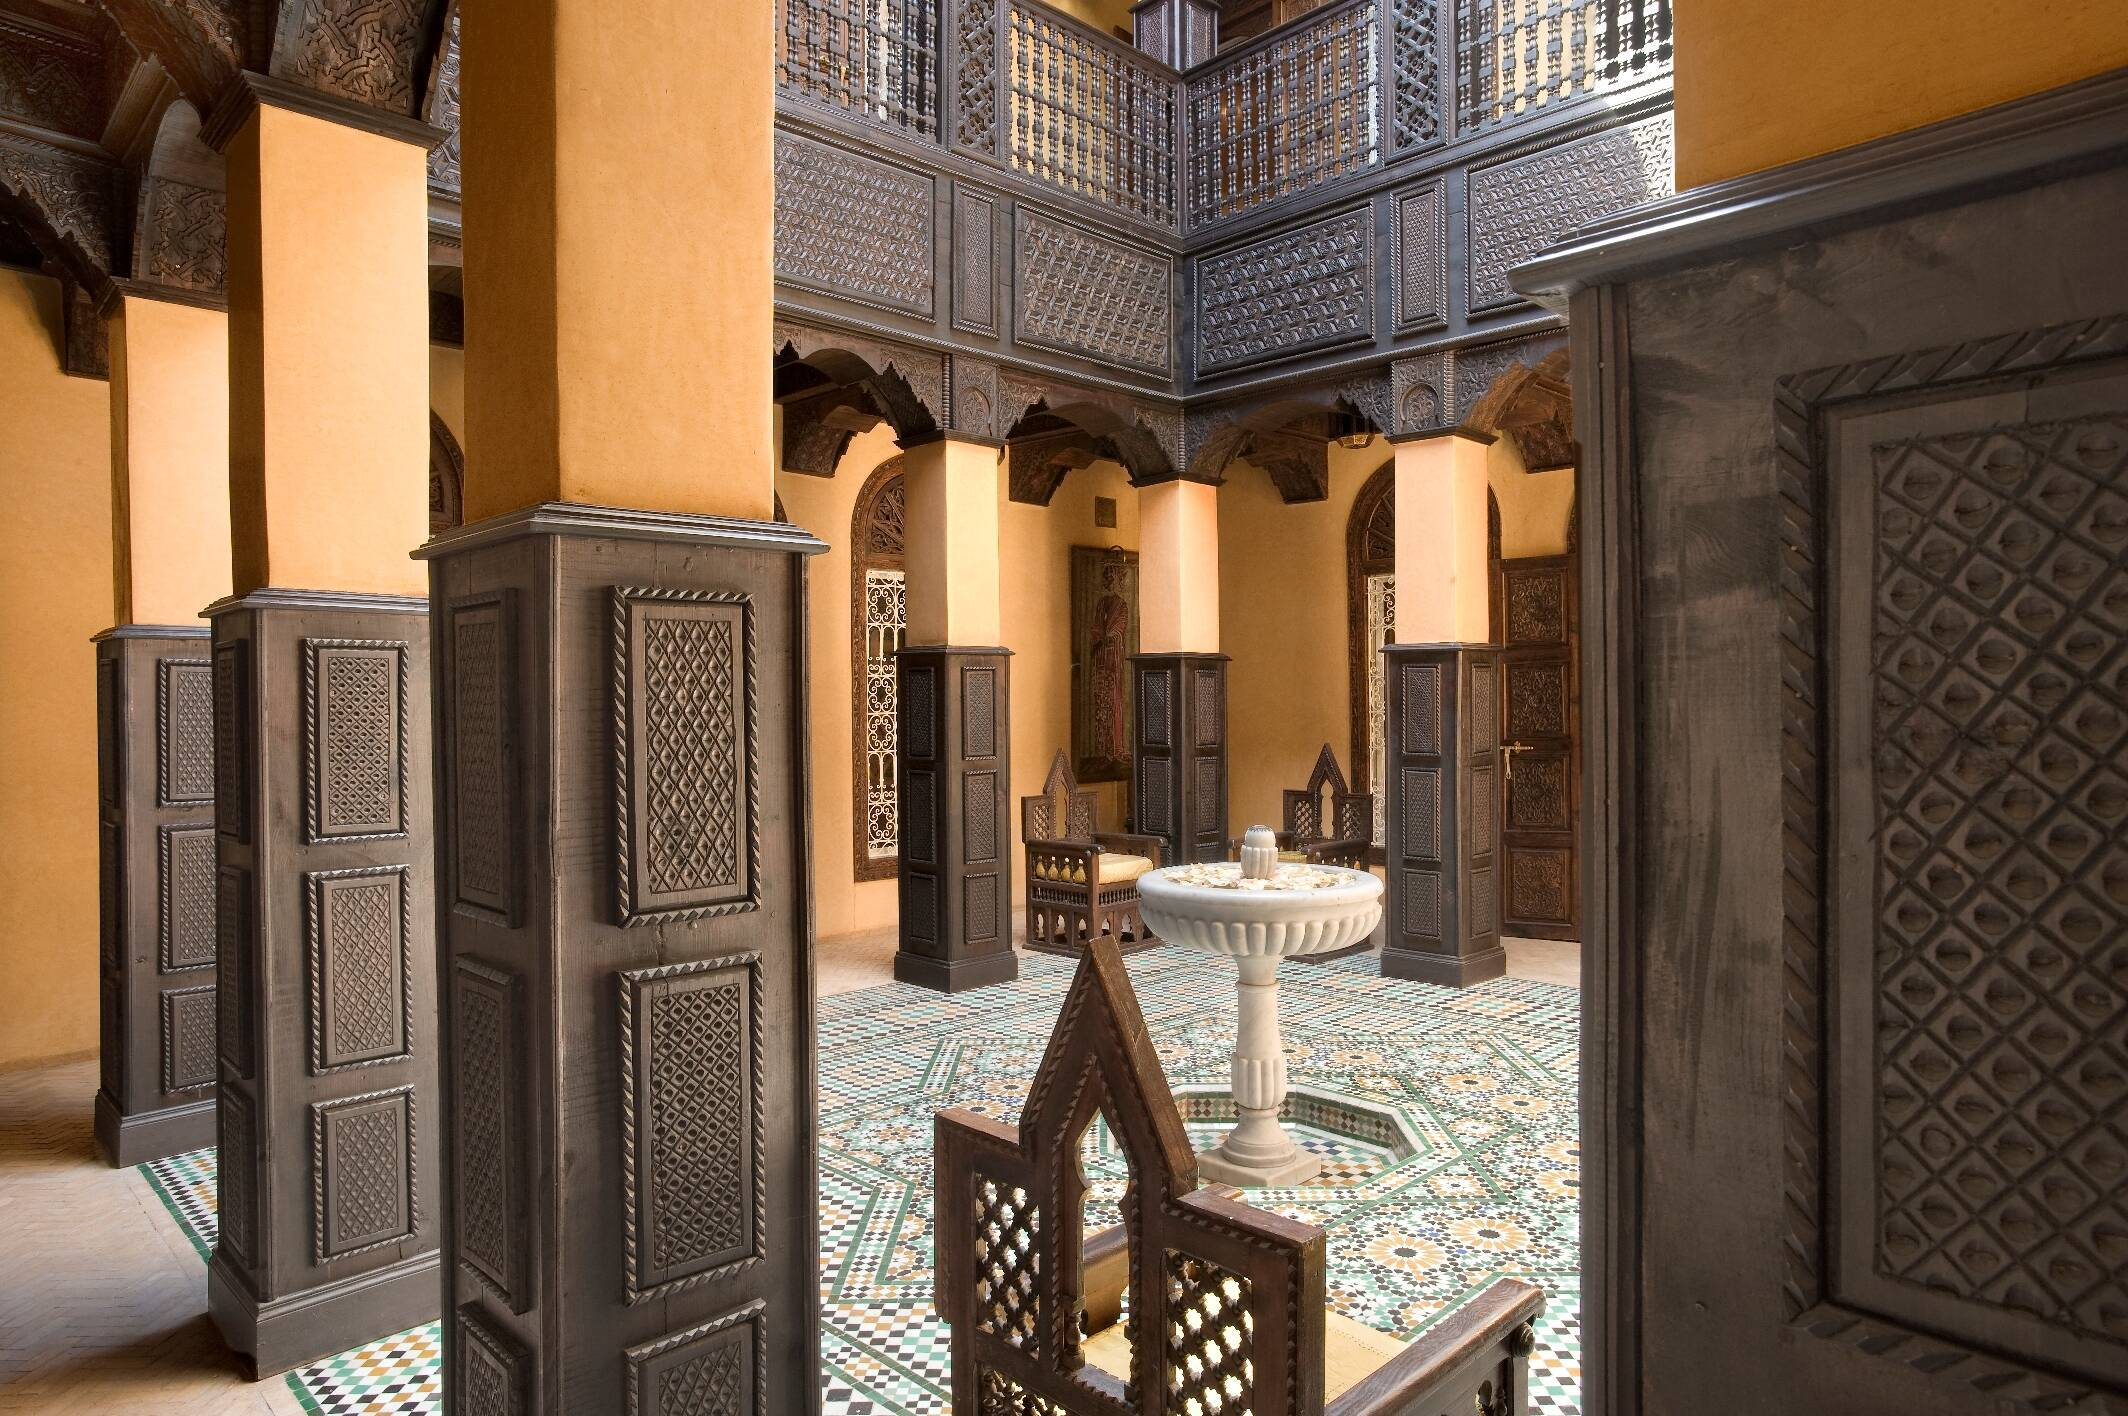 Sultana Marrakech Patio